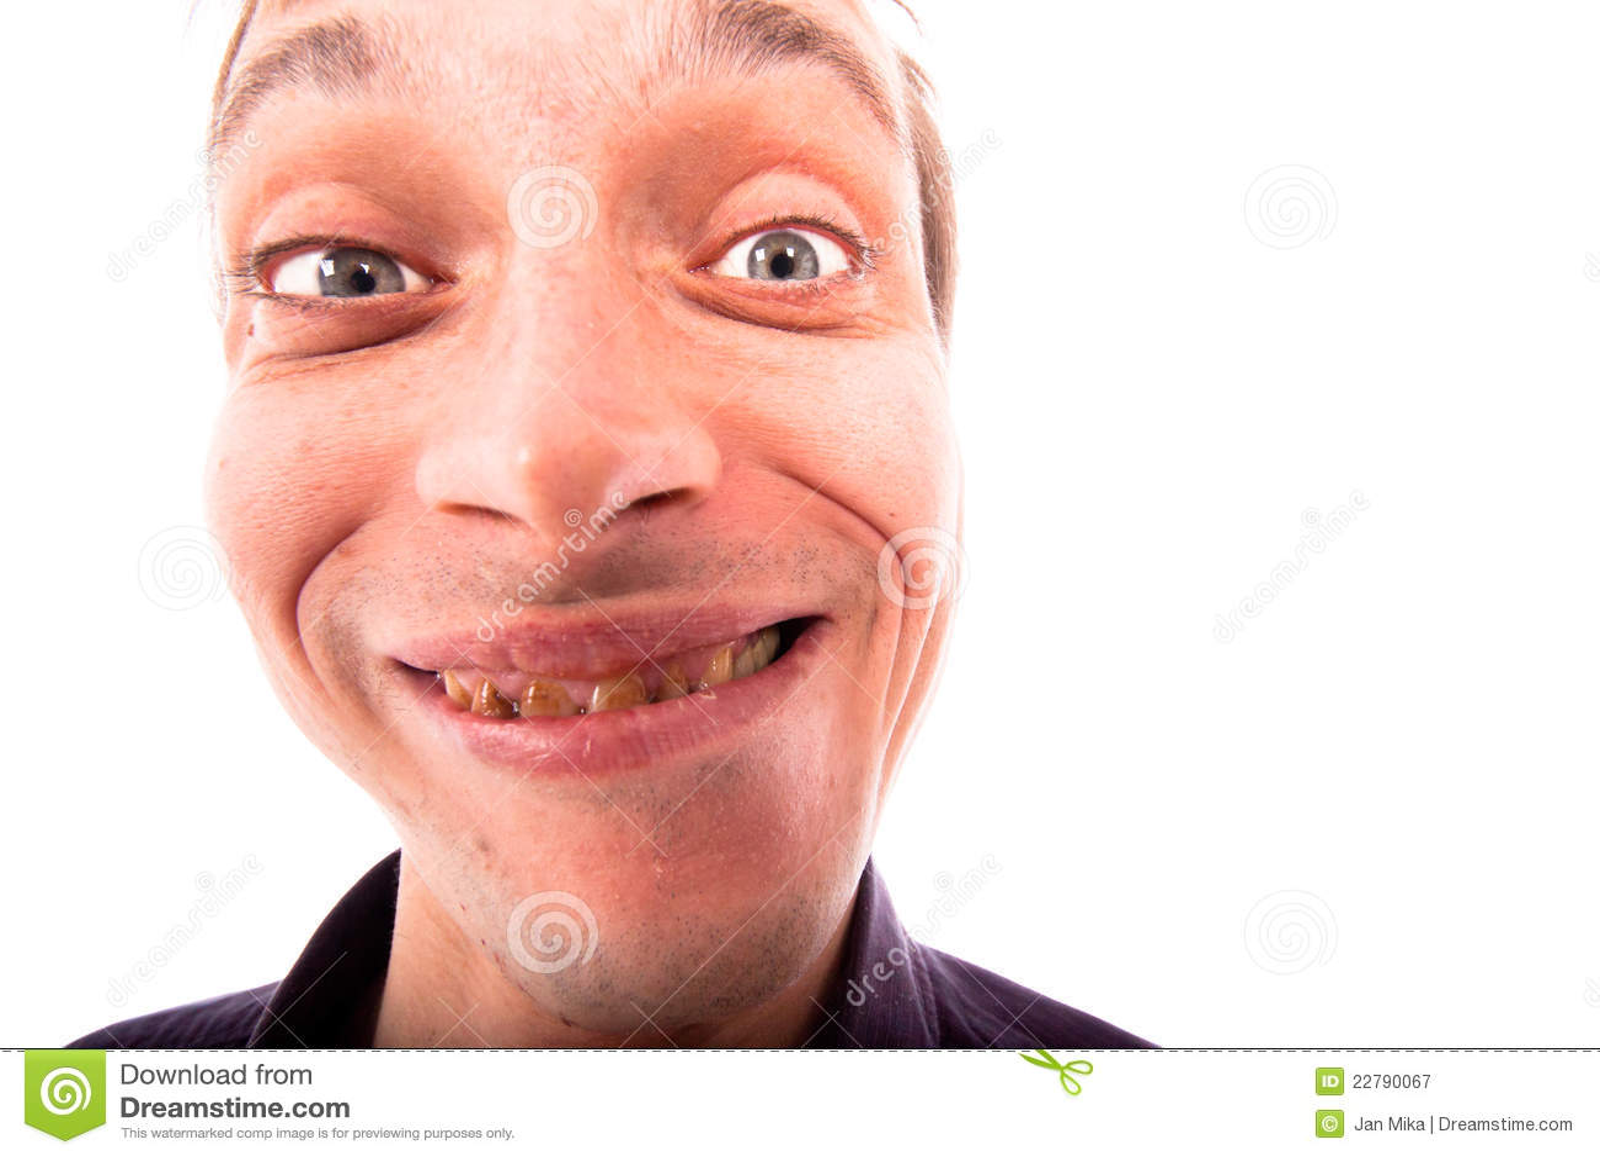 Gesicht mann hässliches Hässliches gesicht.